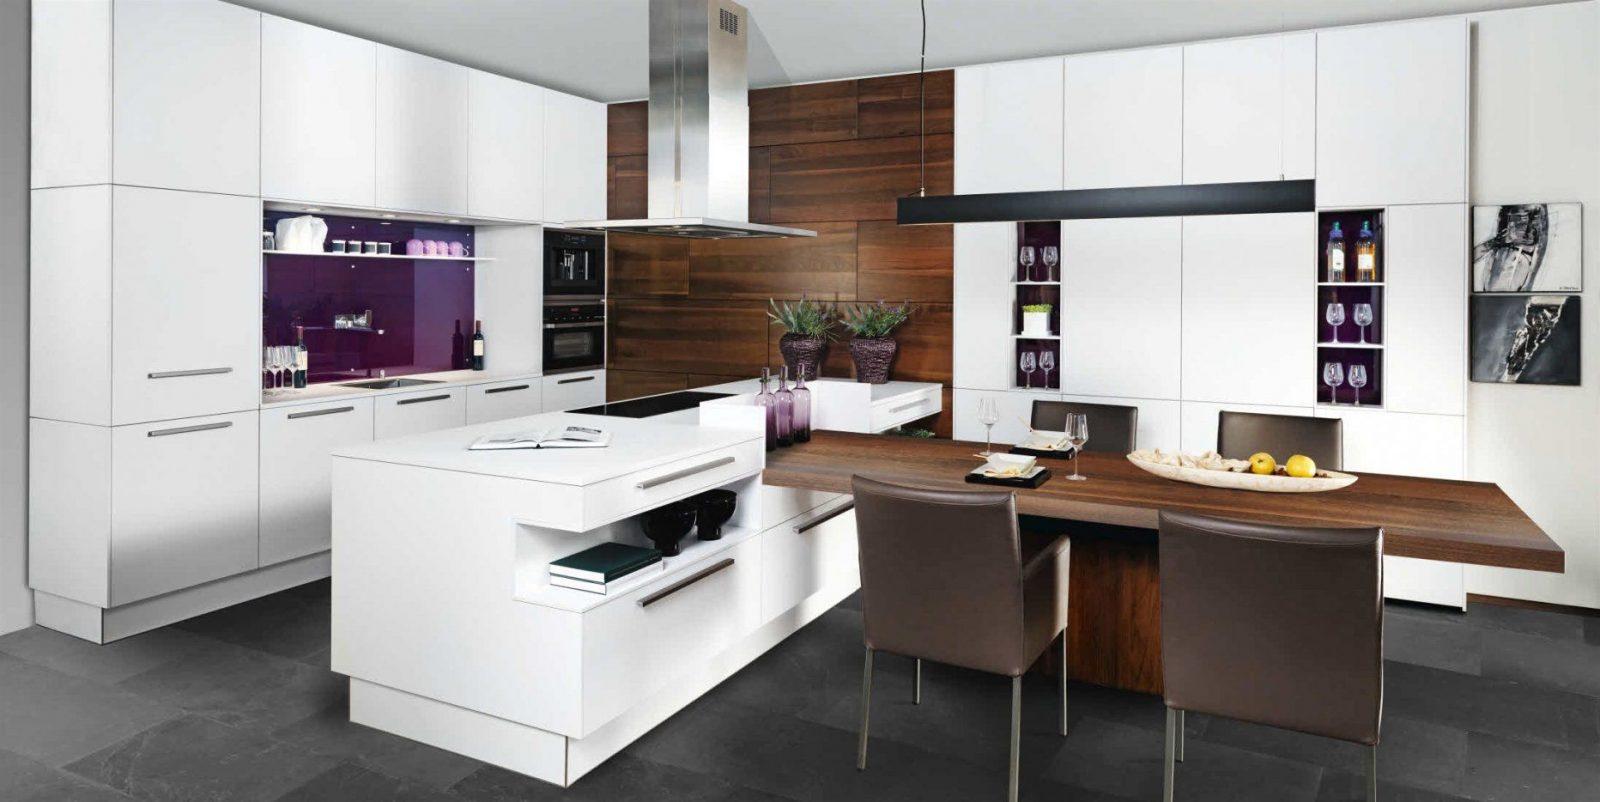 Kche Mit Kochinsel Und Tisch New Theke Haus Dekoration Esstisch von Küche Mit Integriertem Tisch Photo